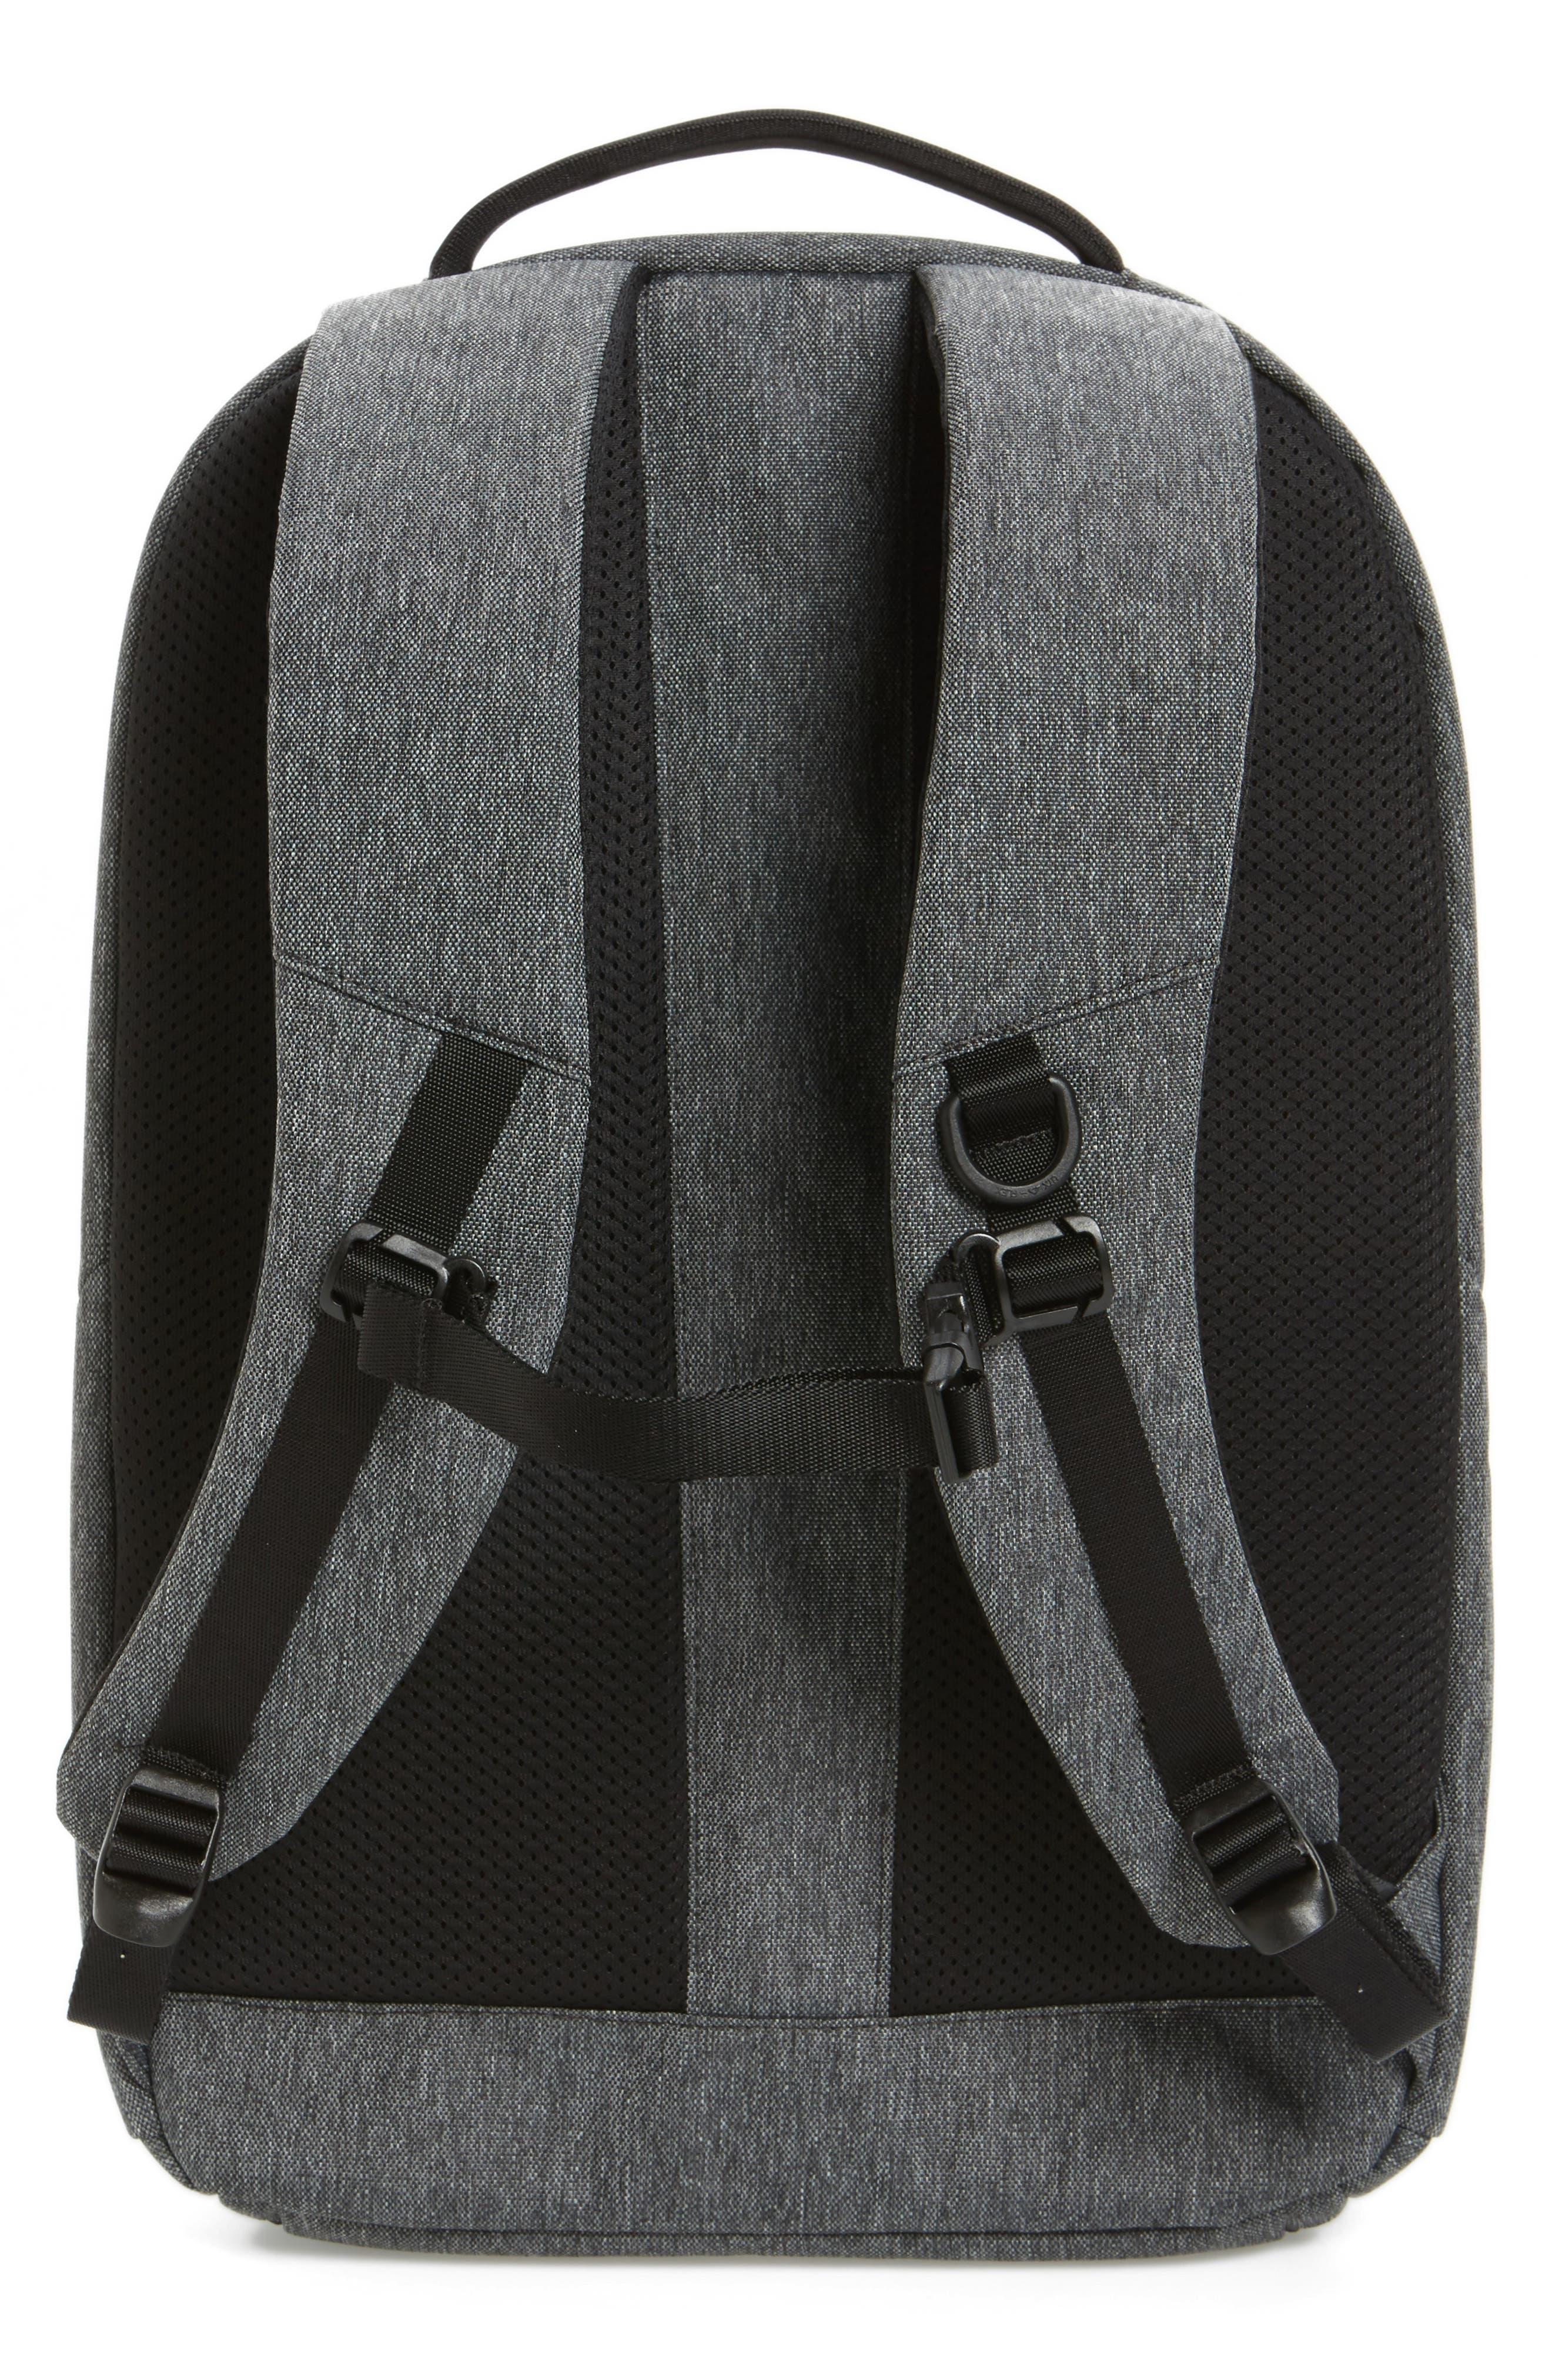 Alternate Image 3  - Aer Fit Pack 2 Backpack